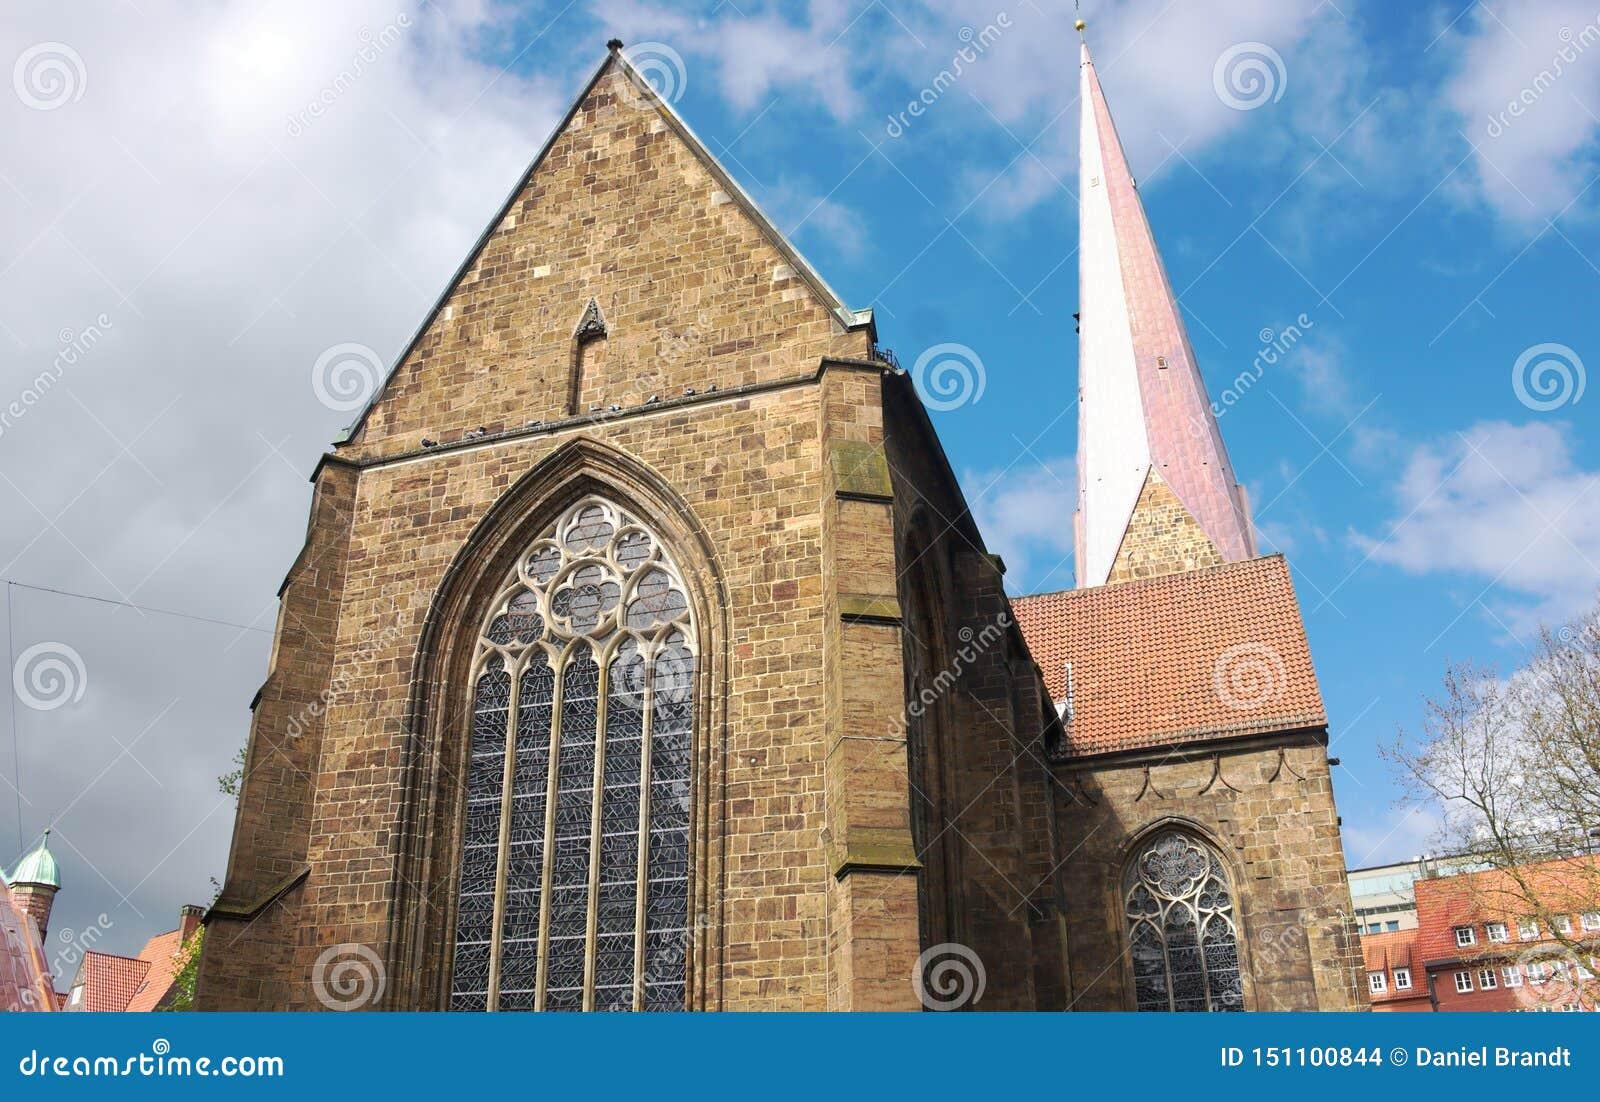 Bremen Iglesia De Nuestra Señora Ii Foto De Archivo Imagen De Iglesia Nuestra 151100844